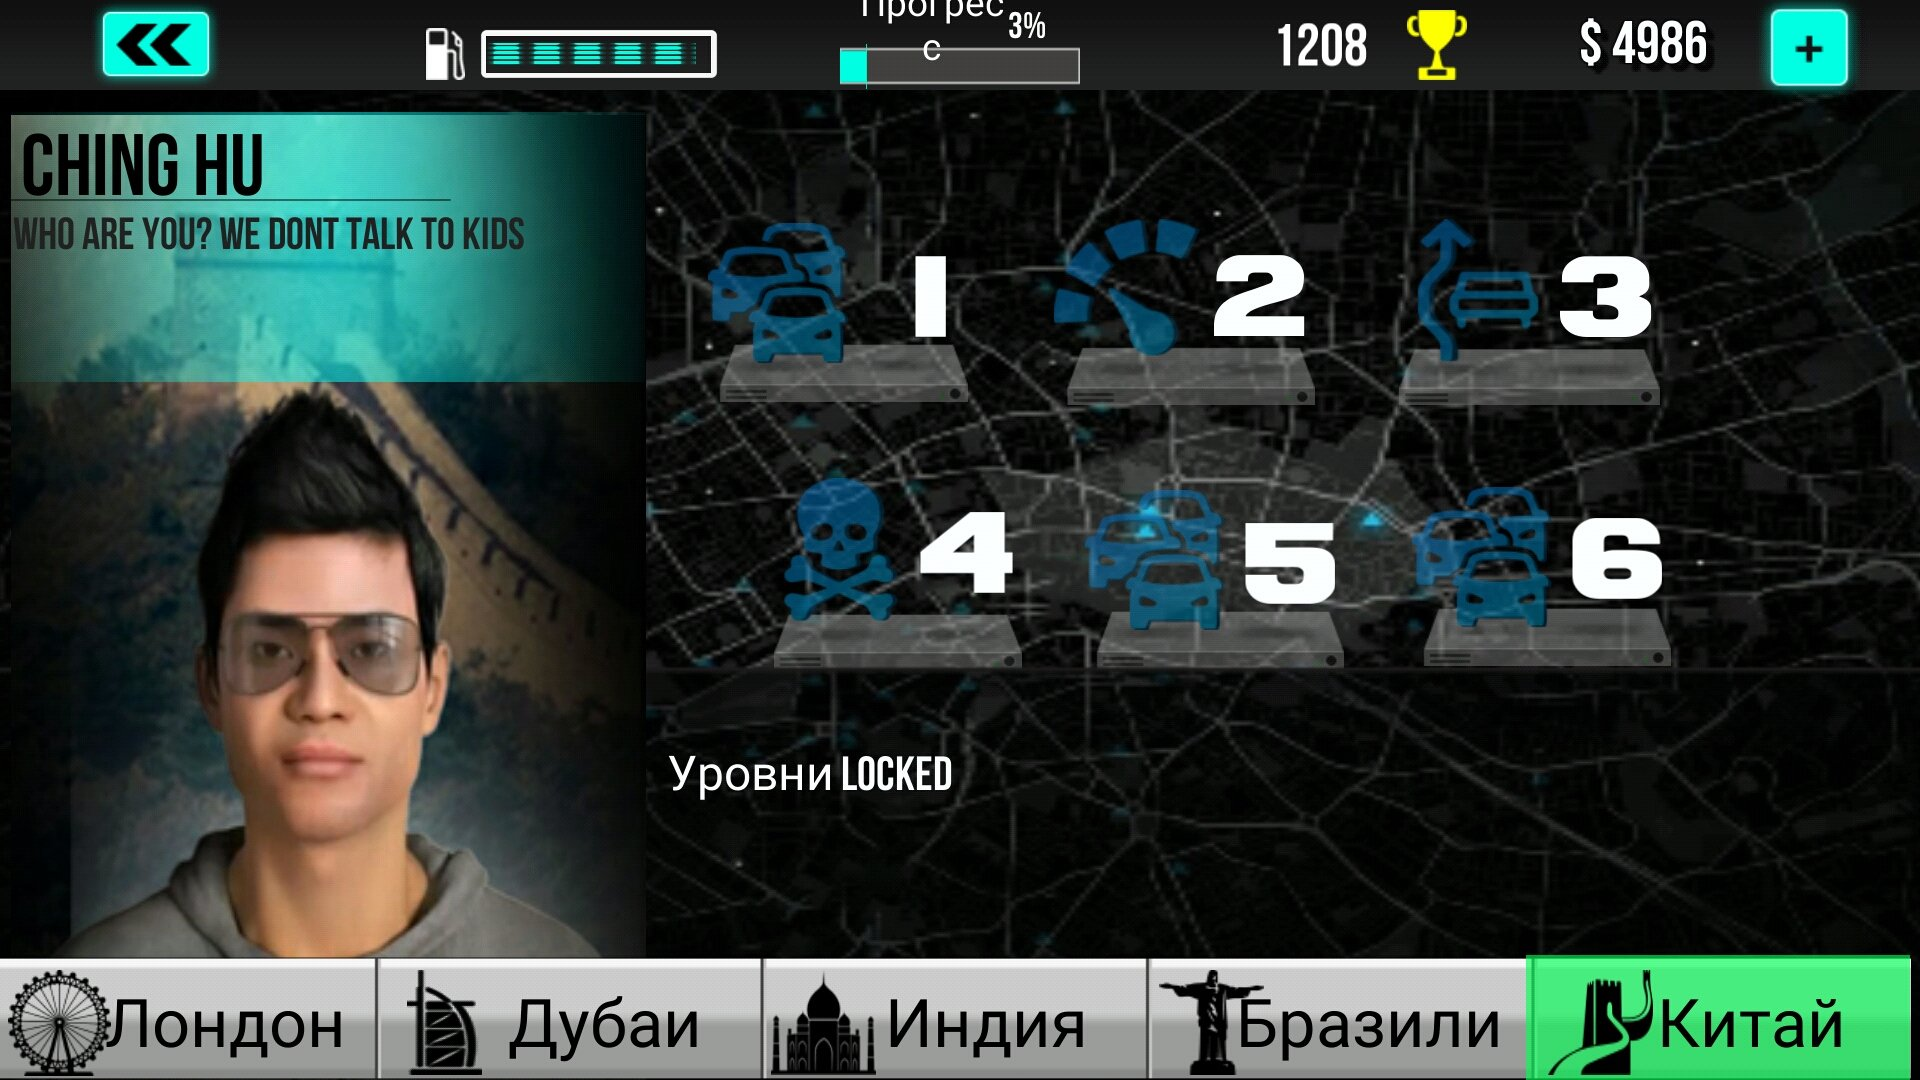 Скачать игру Сканворд Бесплатно на андроид …